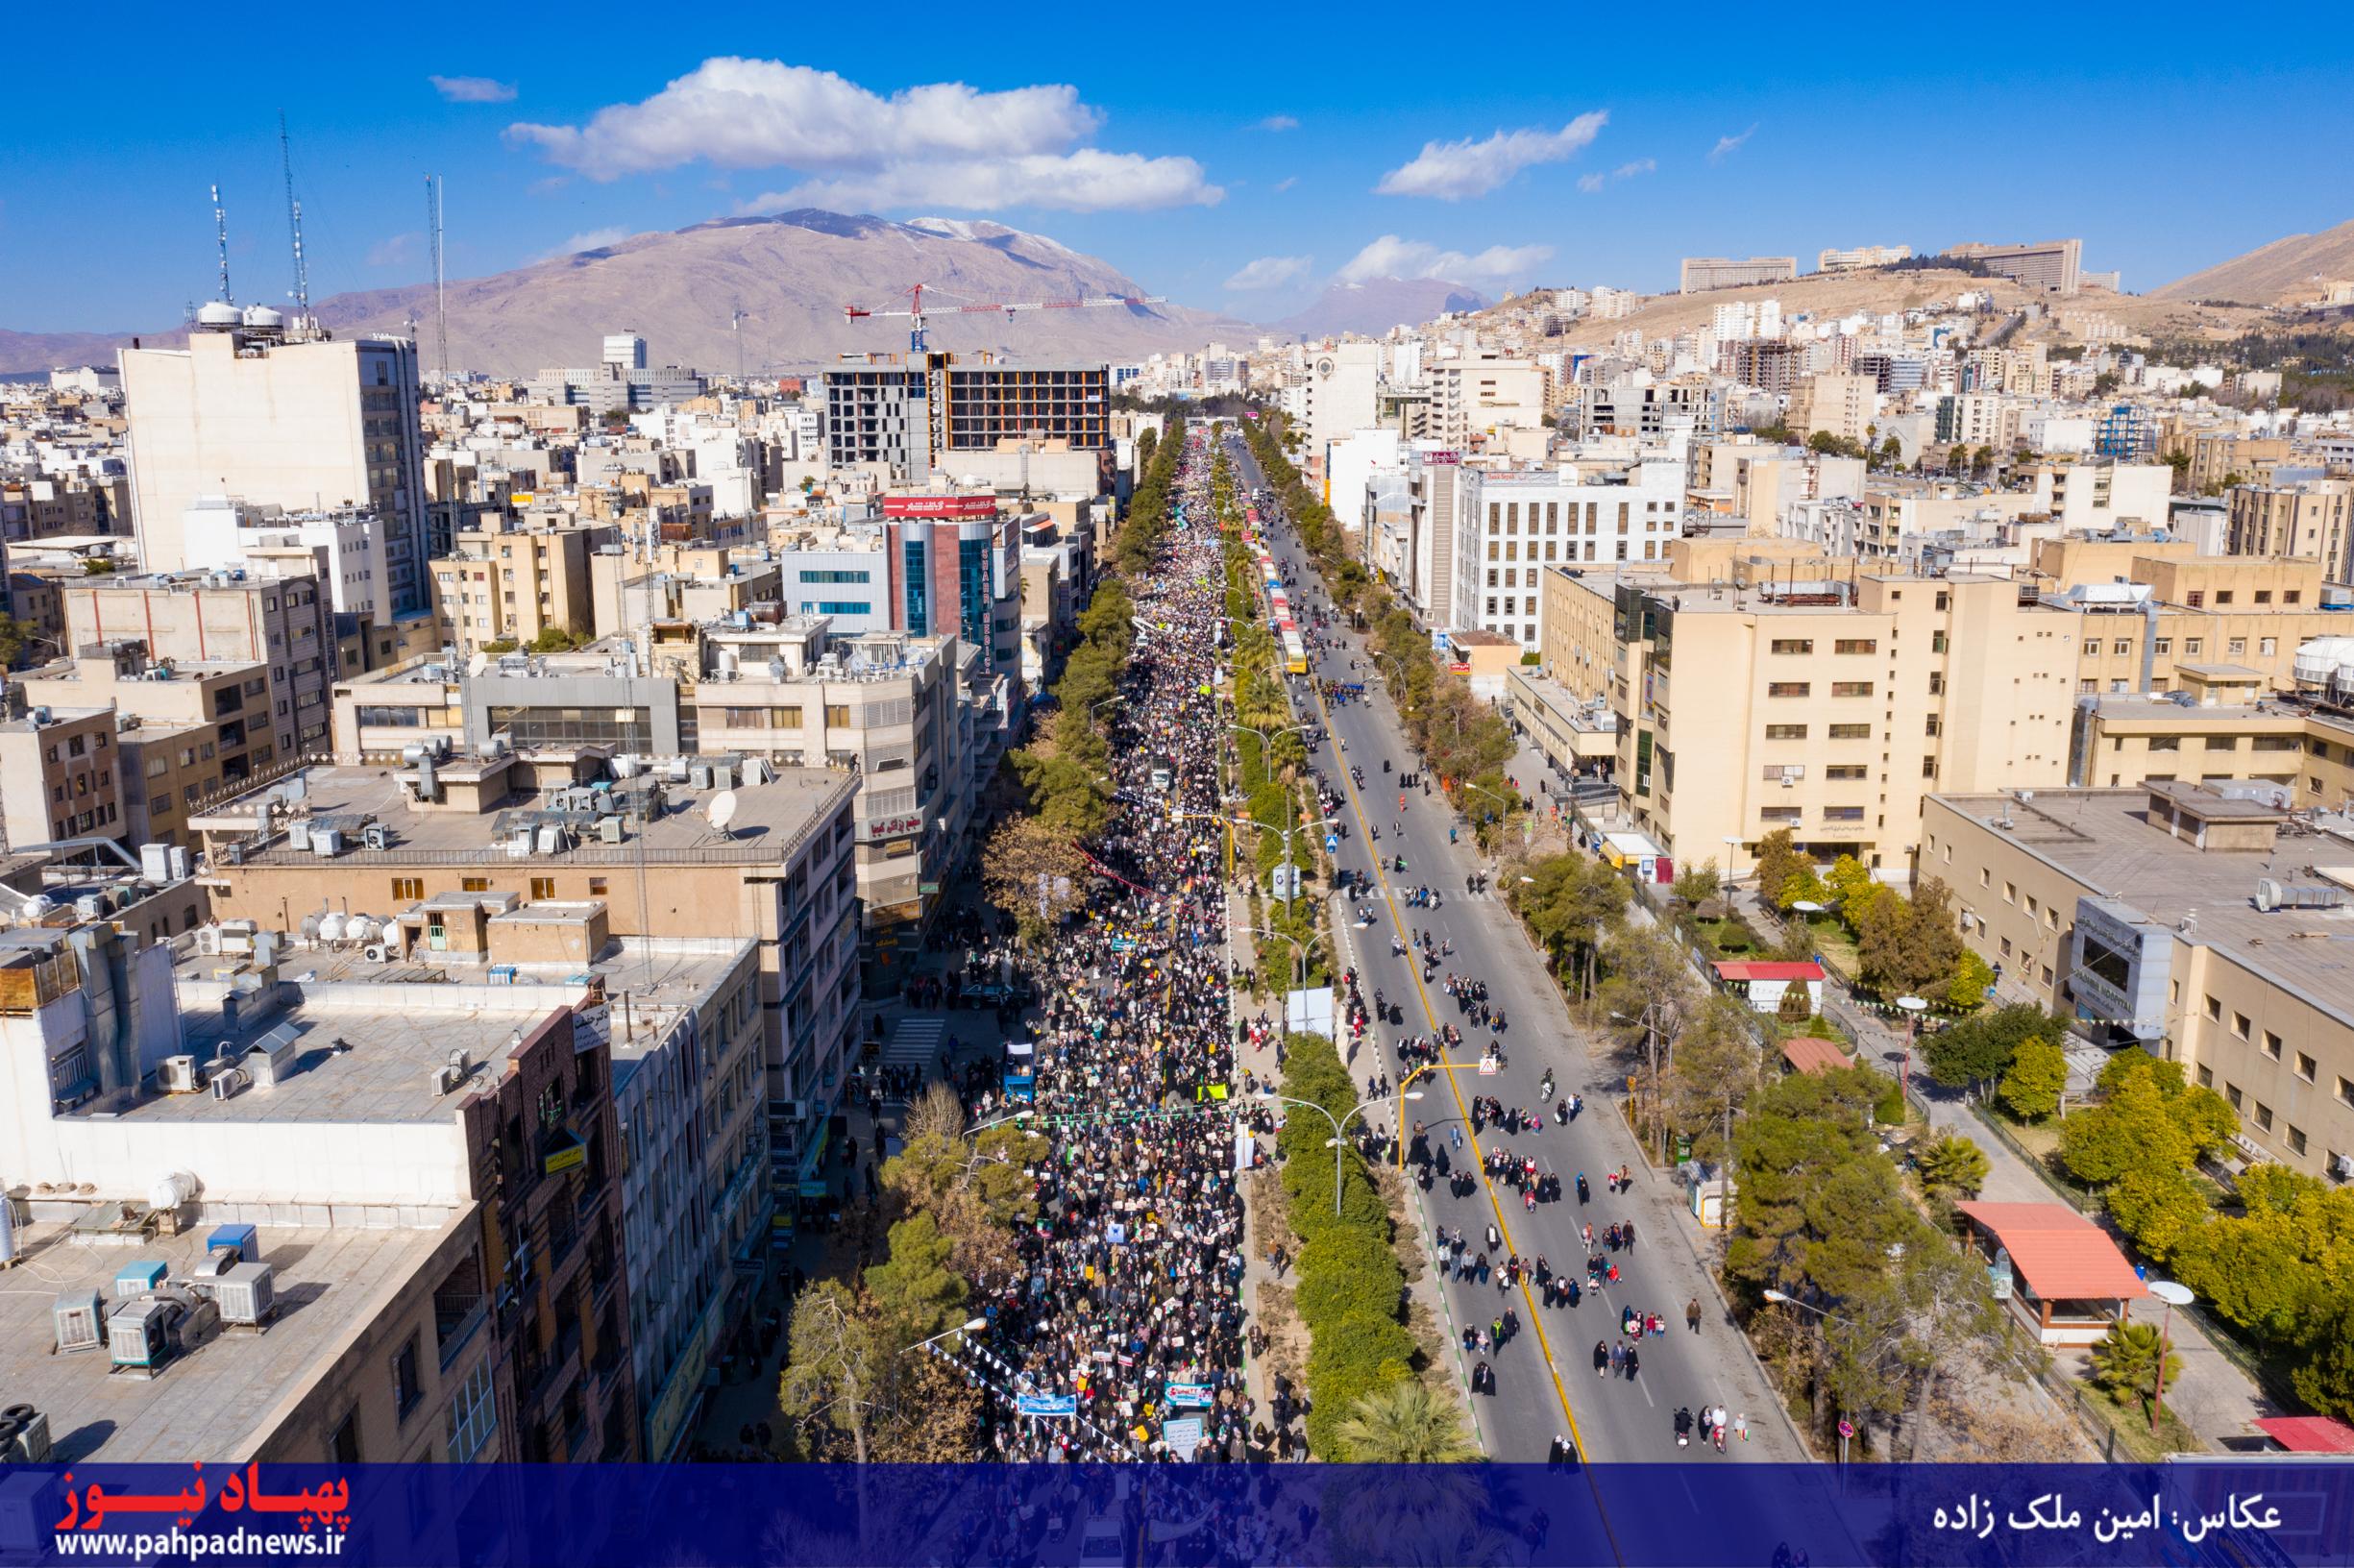 تصویرهوایی؛ راهپیمایی 22 بهمن در شیراز